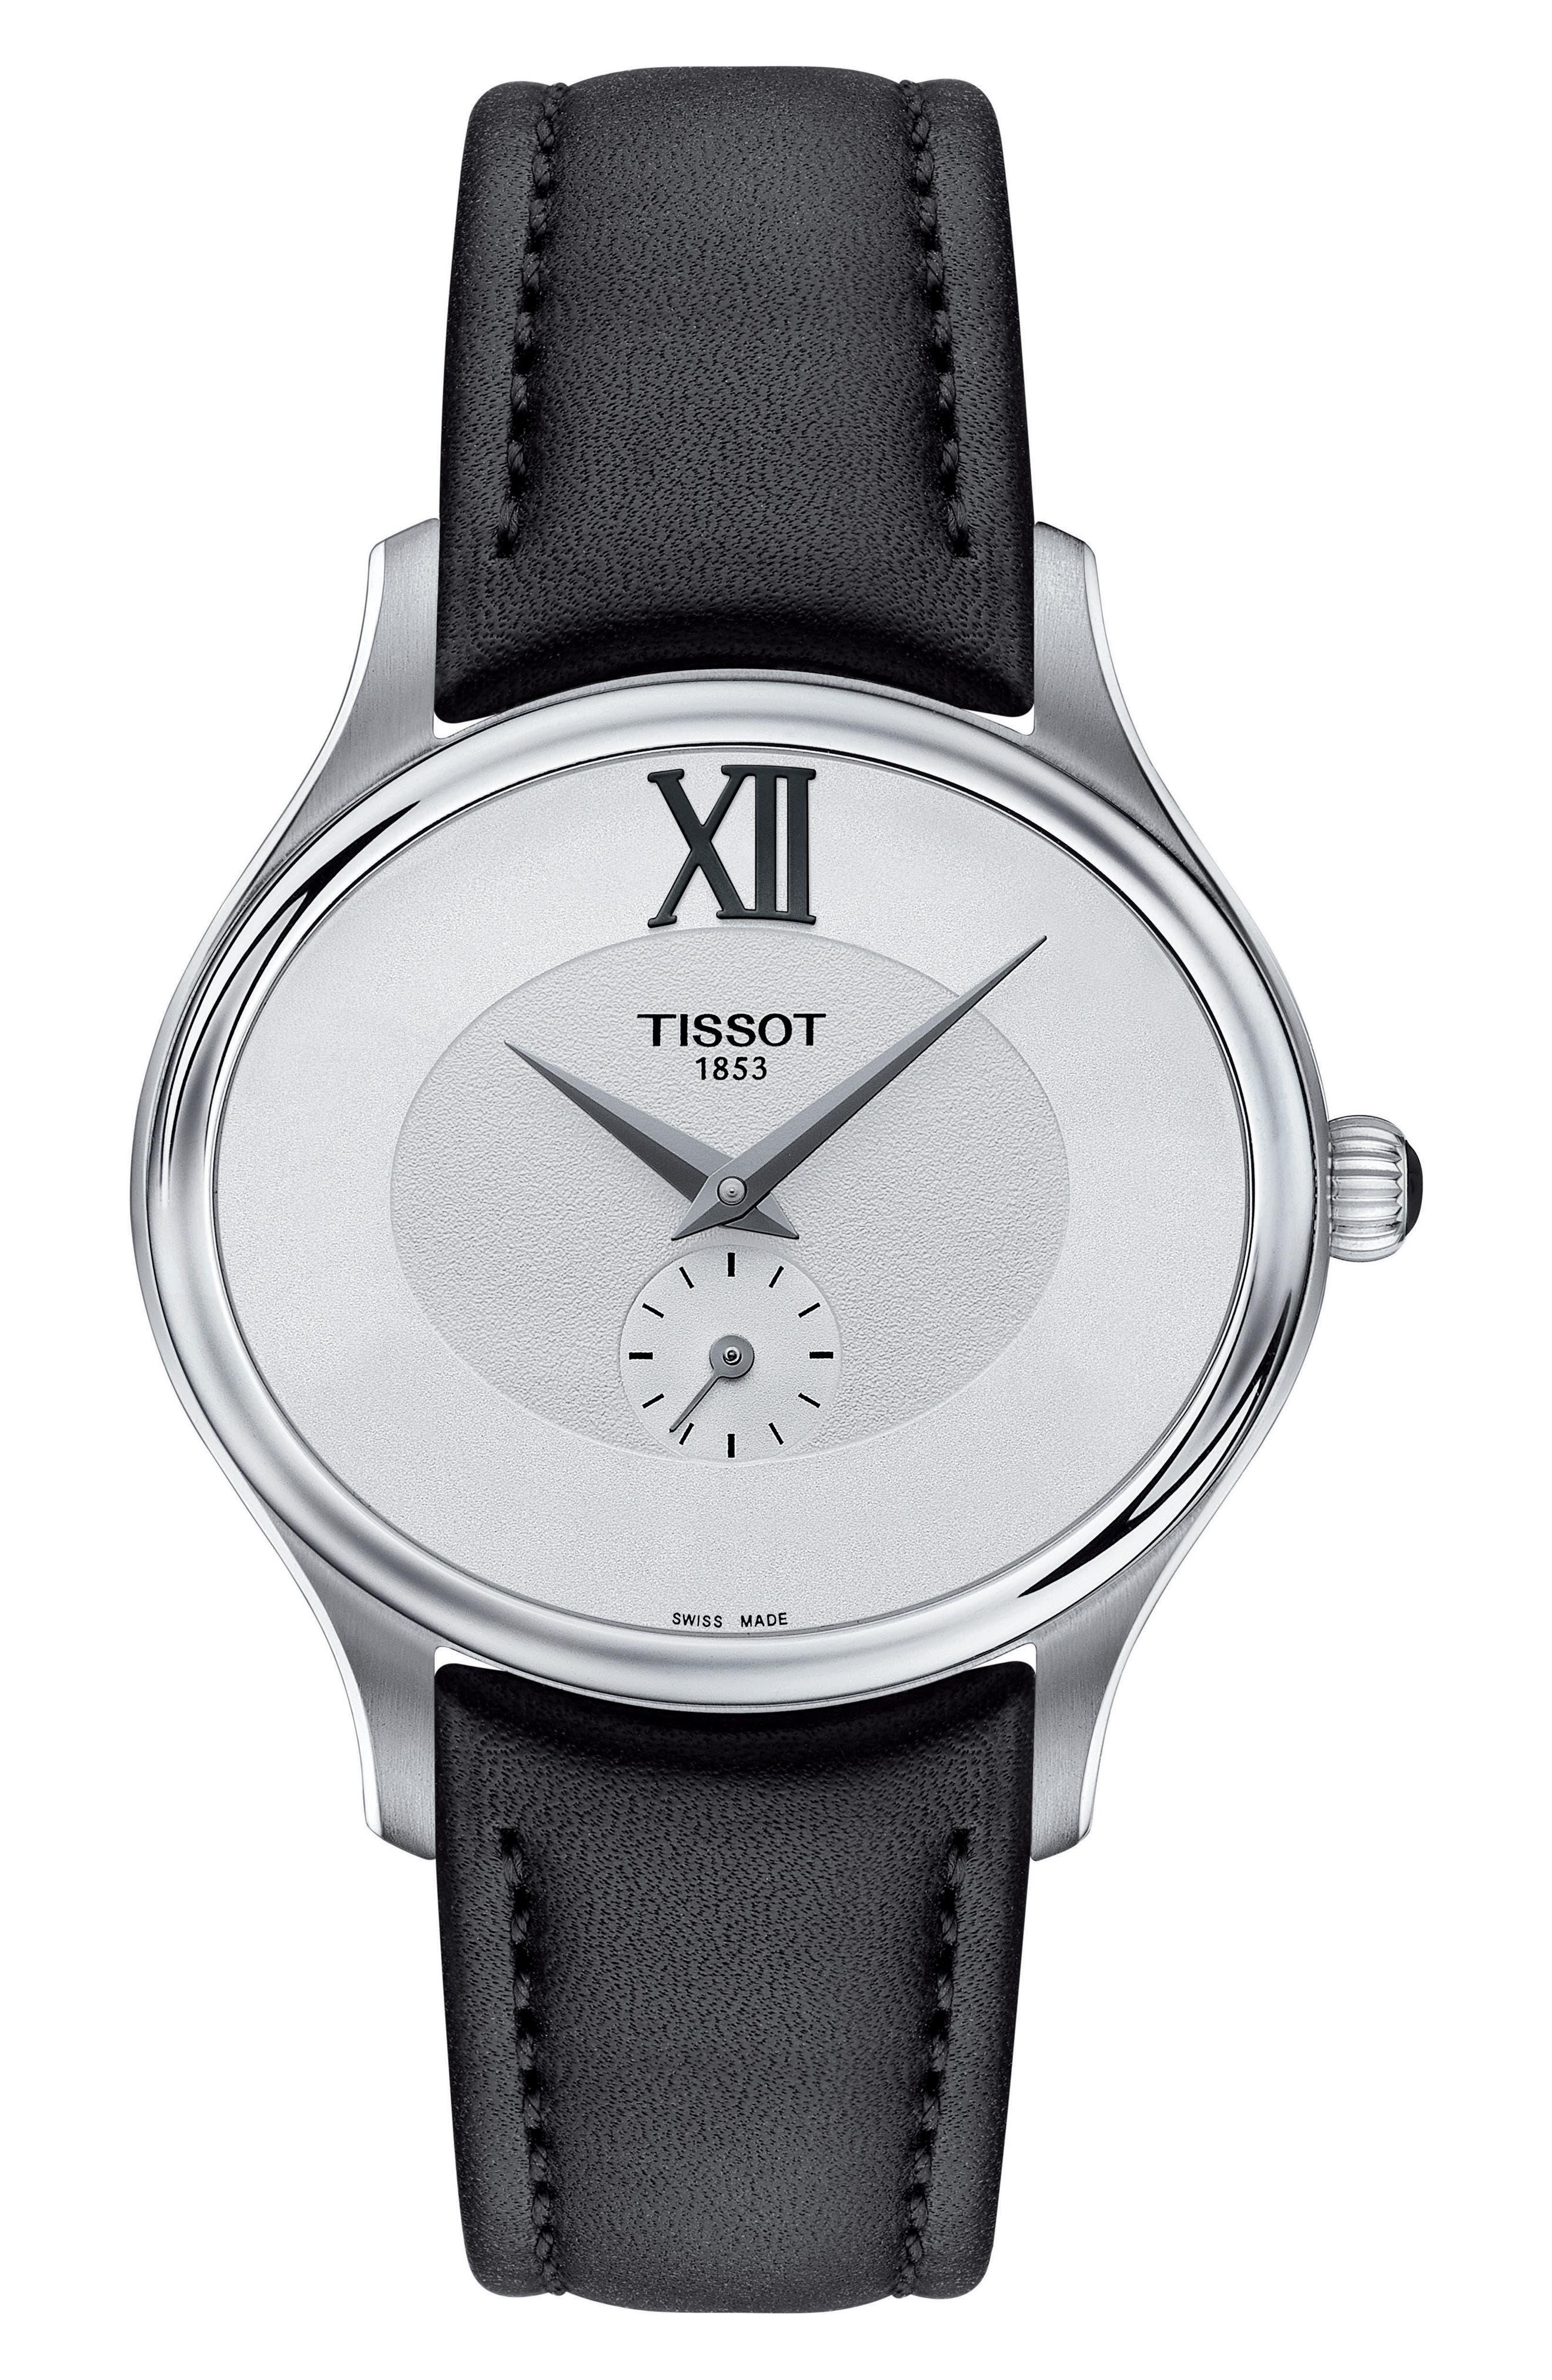 Tissot Bella Ora Leather Strap Watch, 28mm